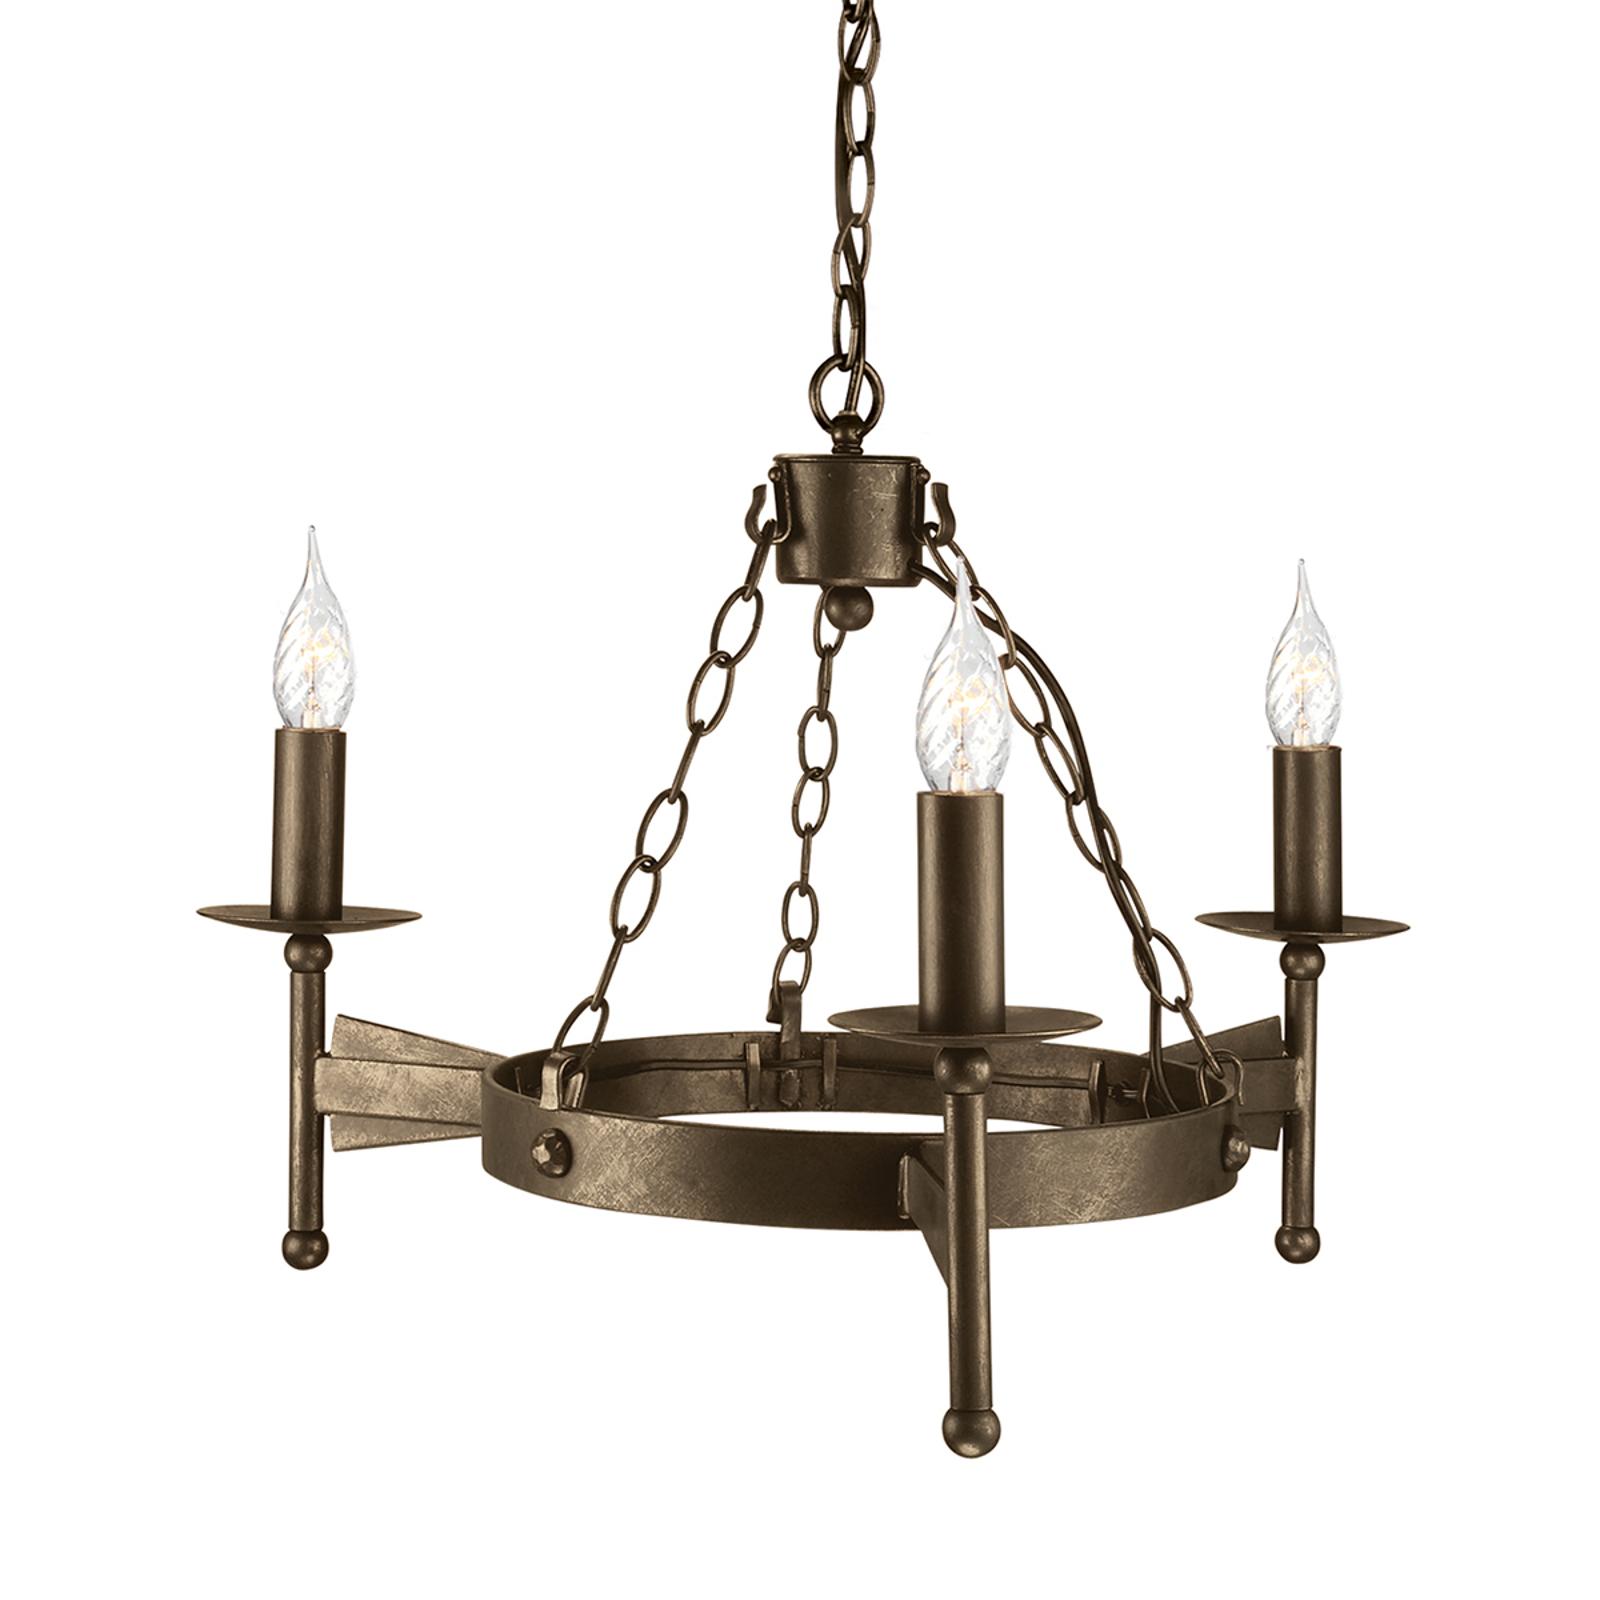 Suspension médiévale à 3 lampes CROMWELL